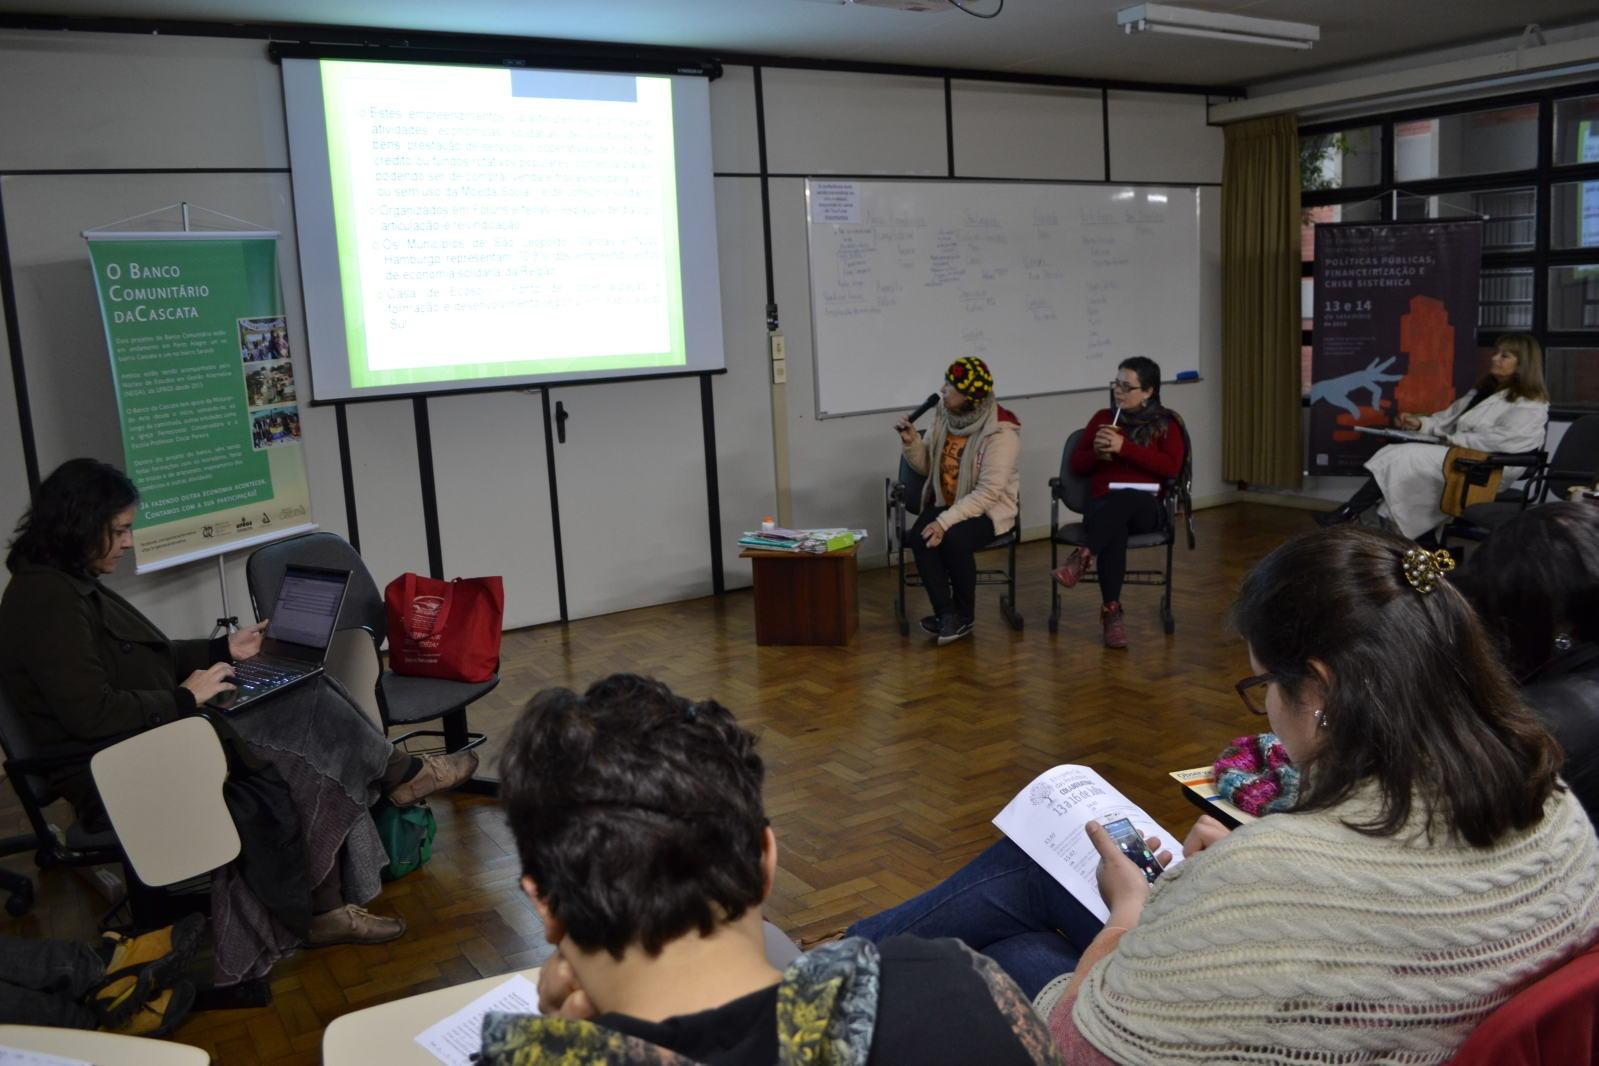 Gestão colaborativa em pauta no Vale do Sinos